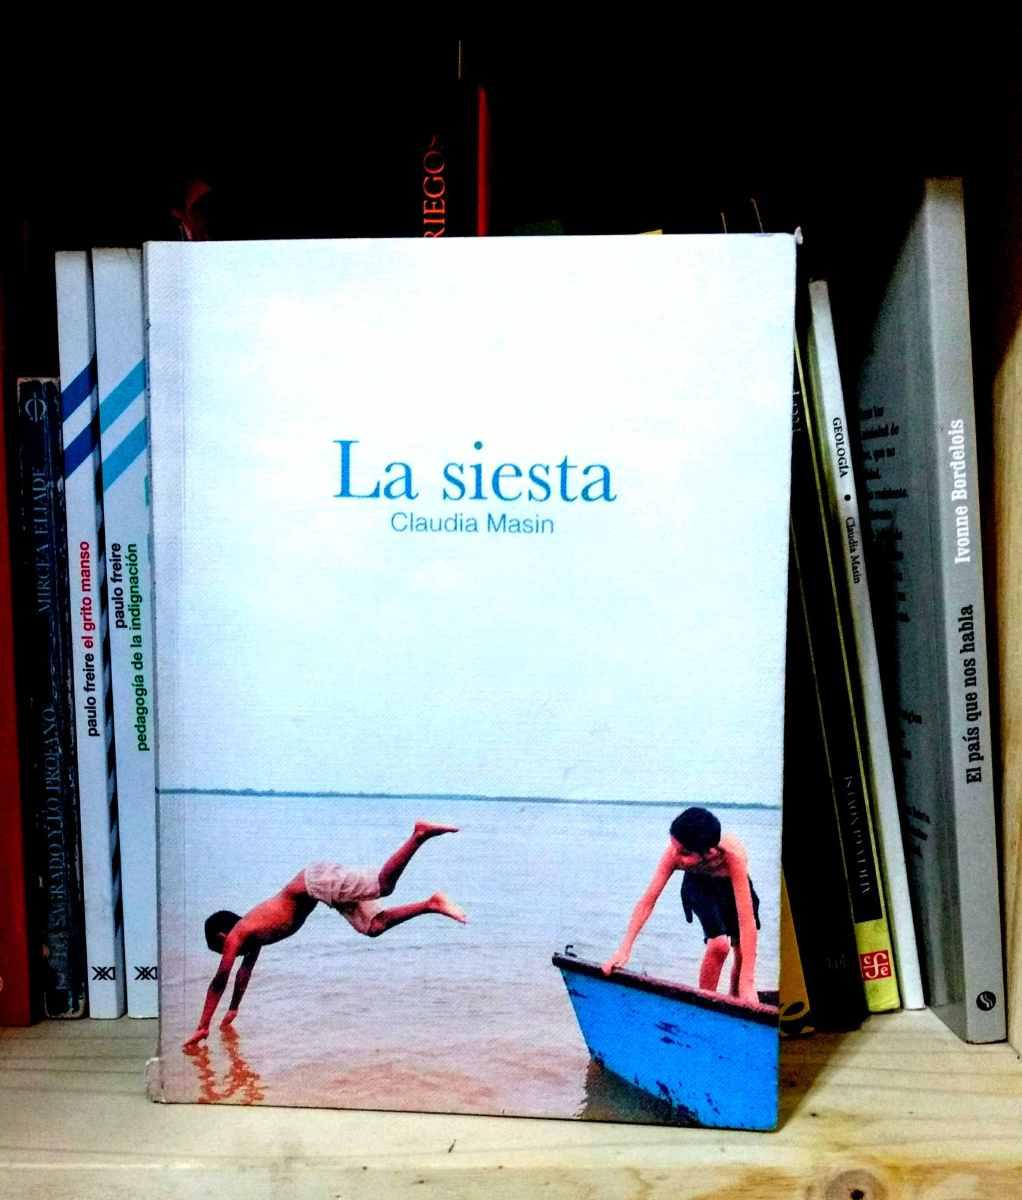 Hasta la desobediencia siempre: una lectura de LA SIESTA de Claudia Masin